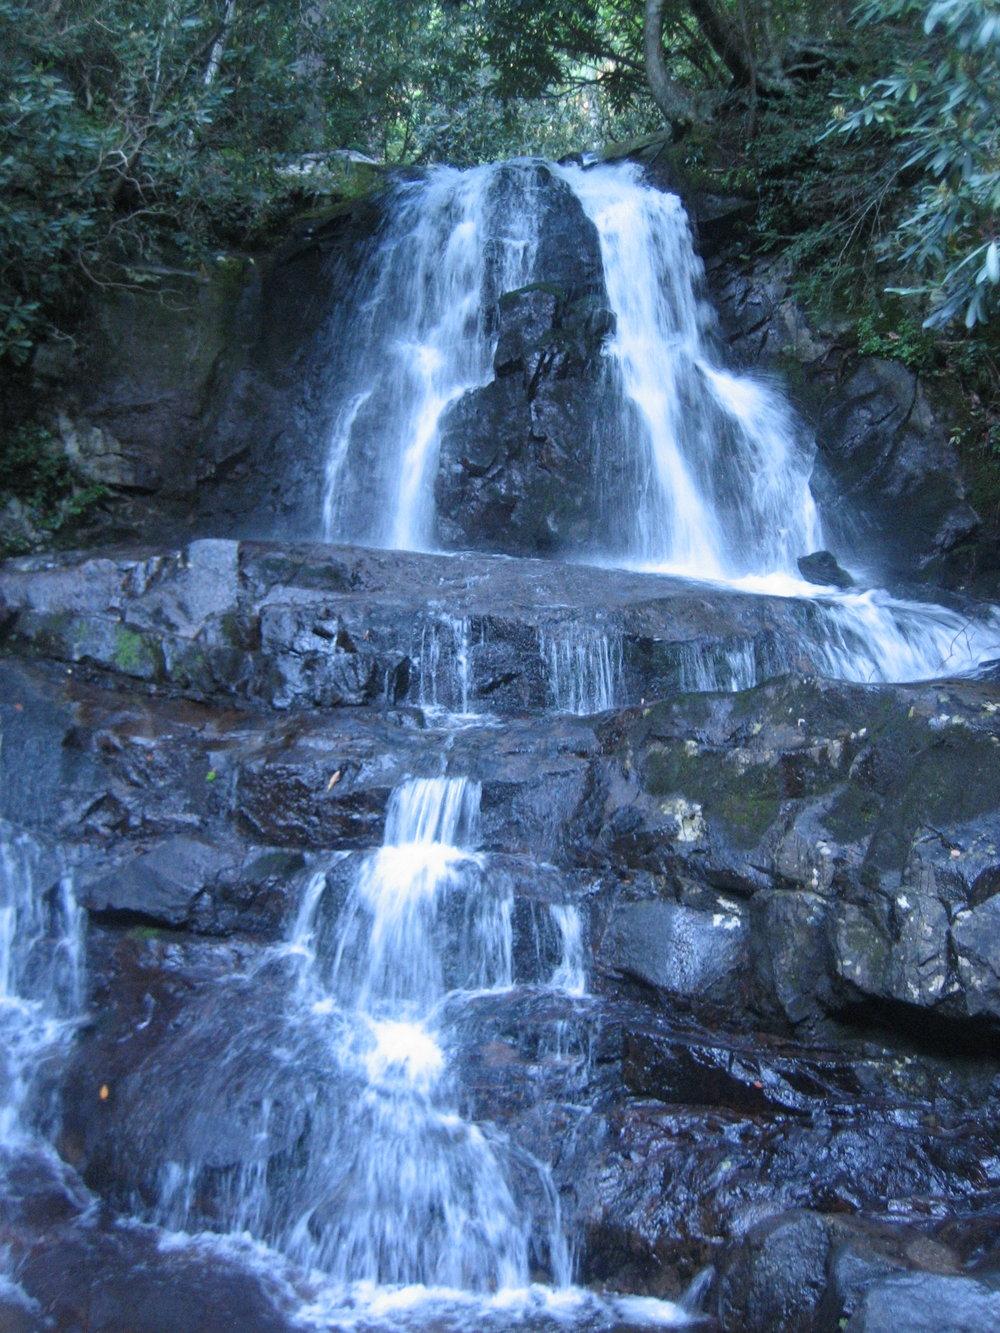 Another beautiful cascade waterfall, Smokey Mountains